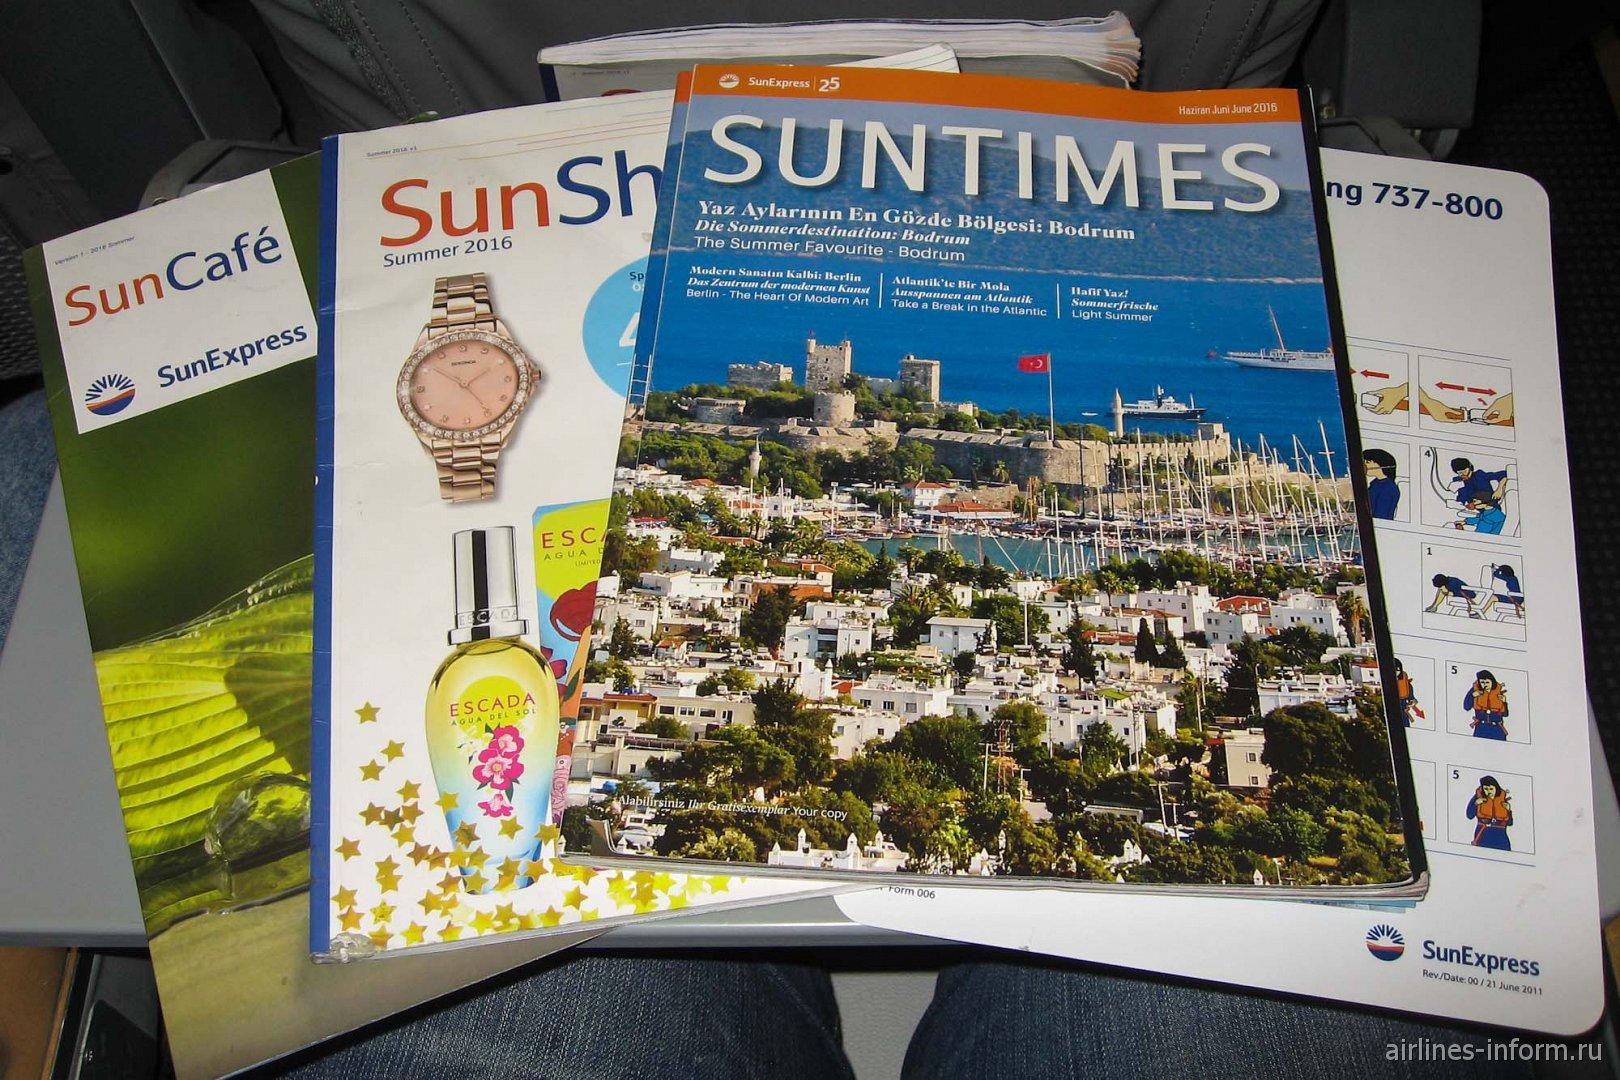 Журналы для пассажиров авиакомпании SunExpress